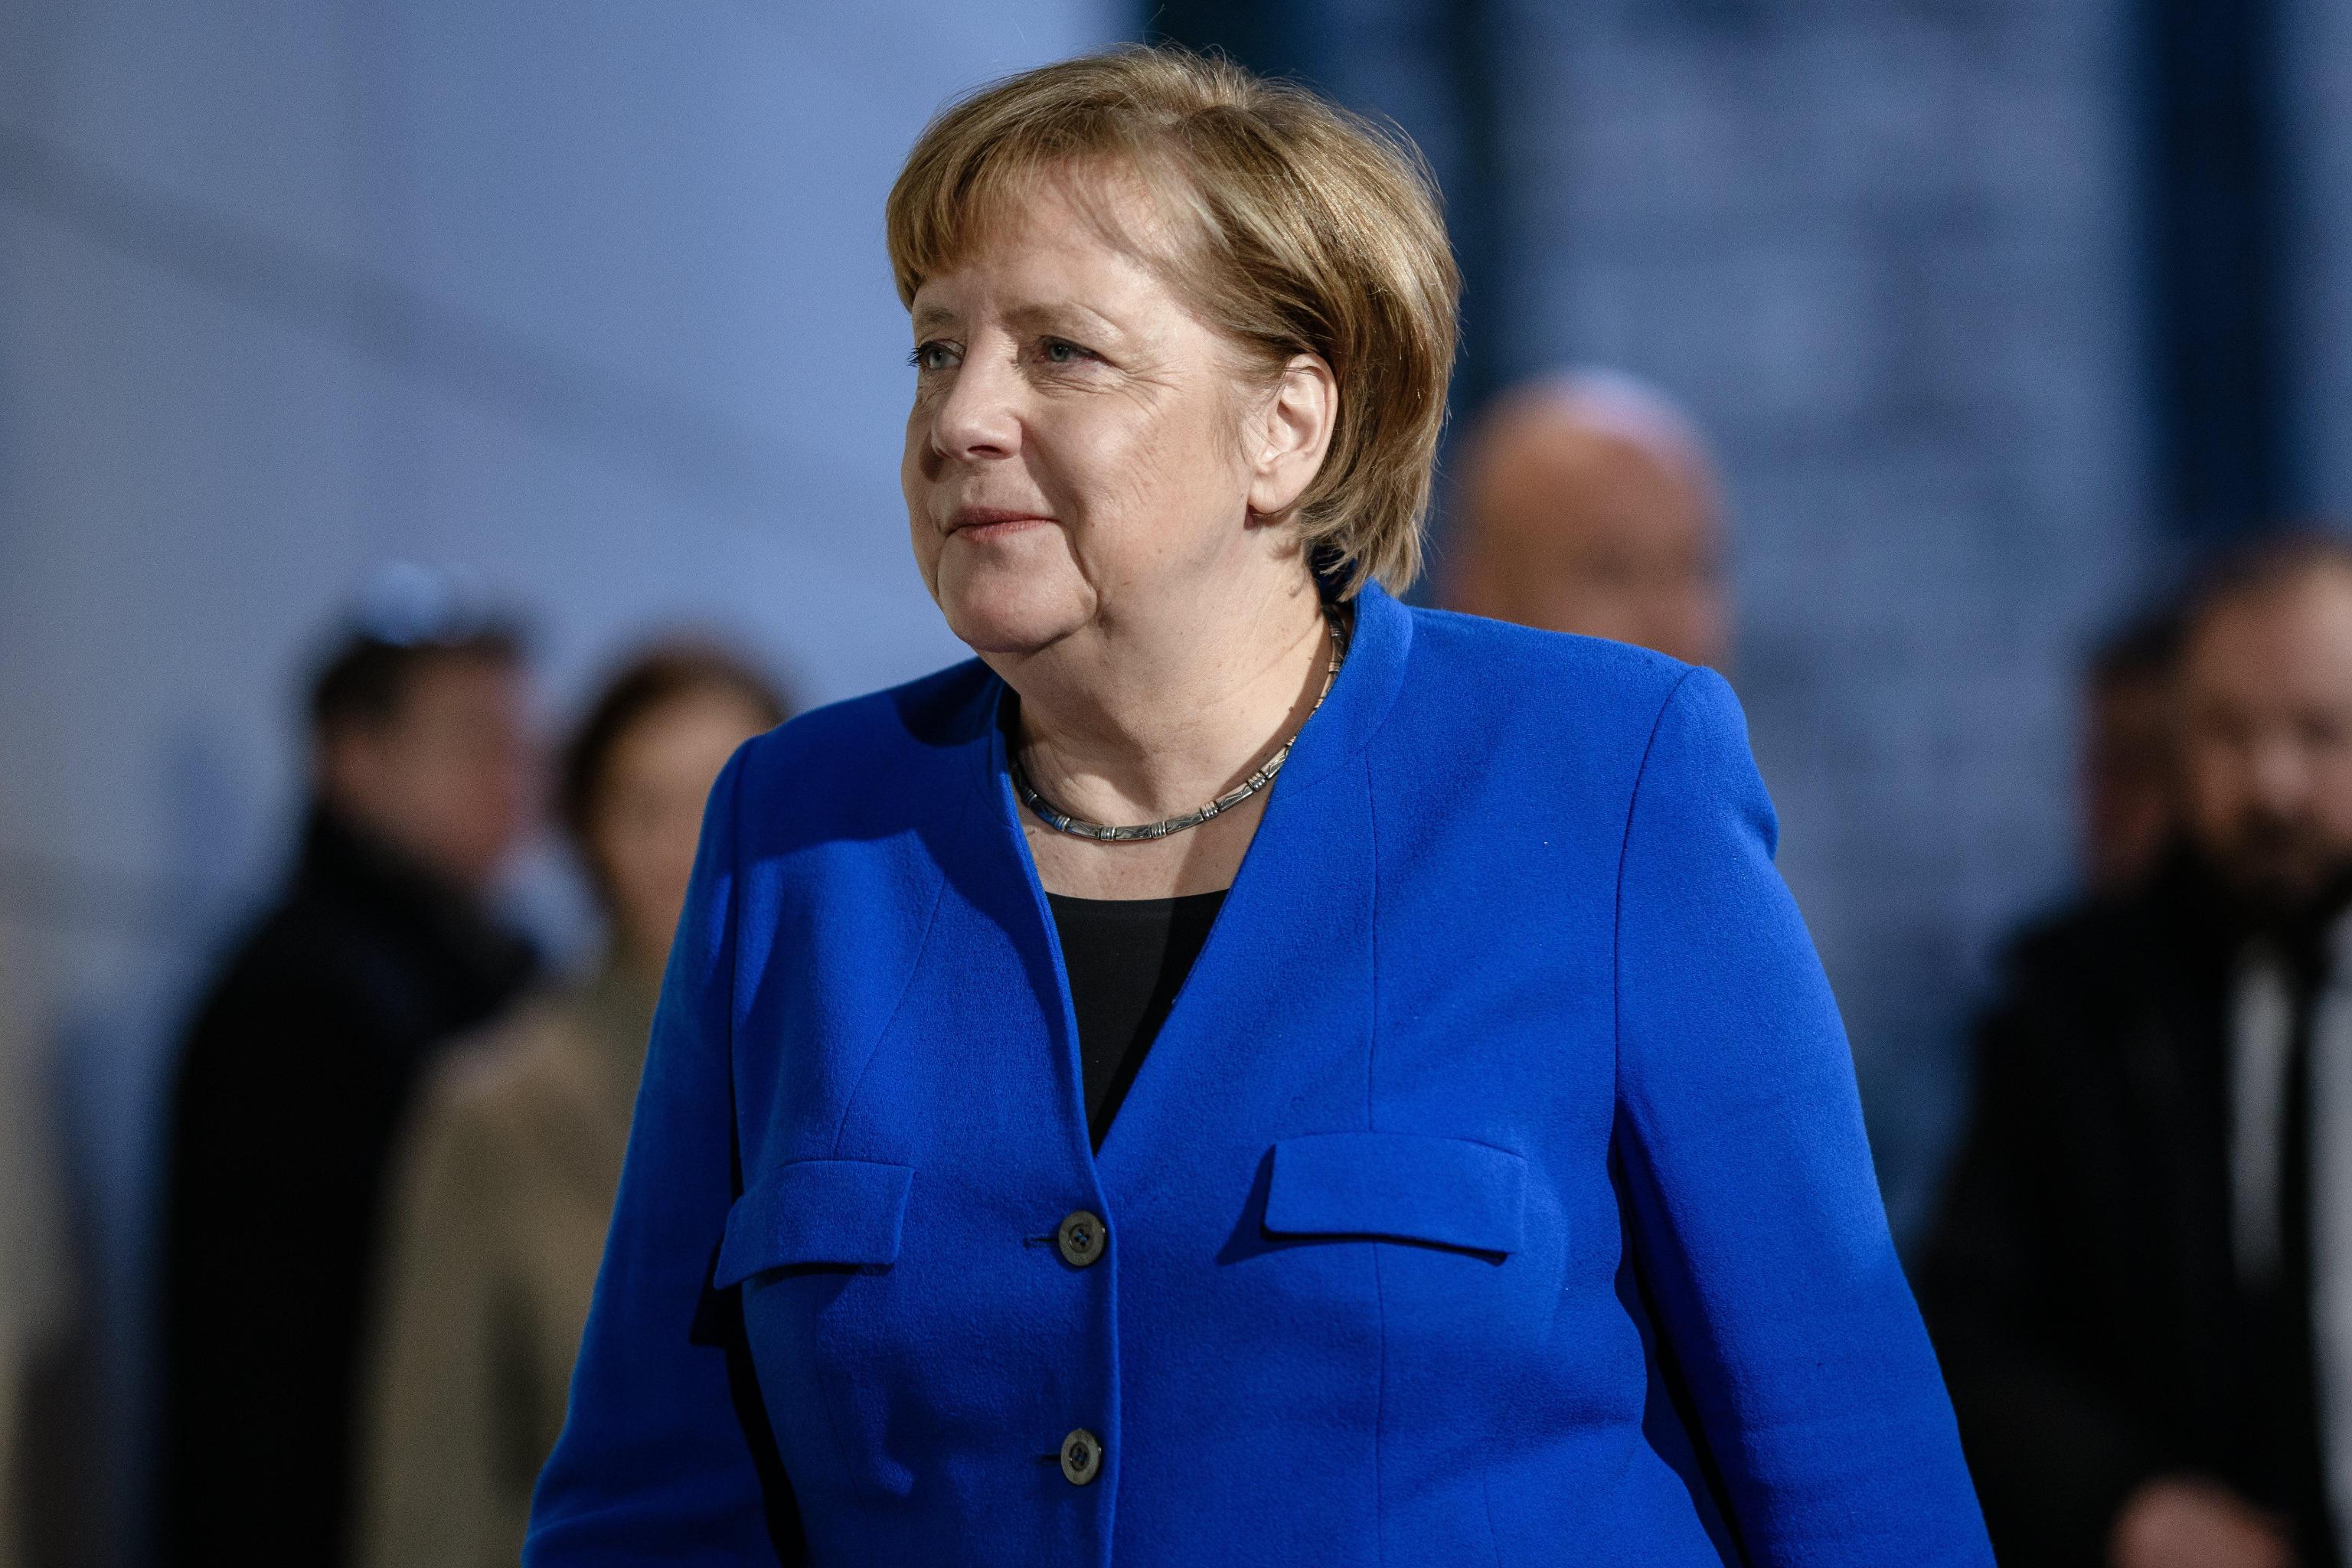 Merkel, ho lavorato per governo stabile